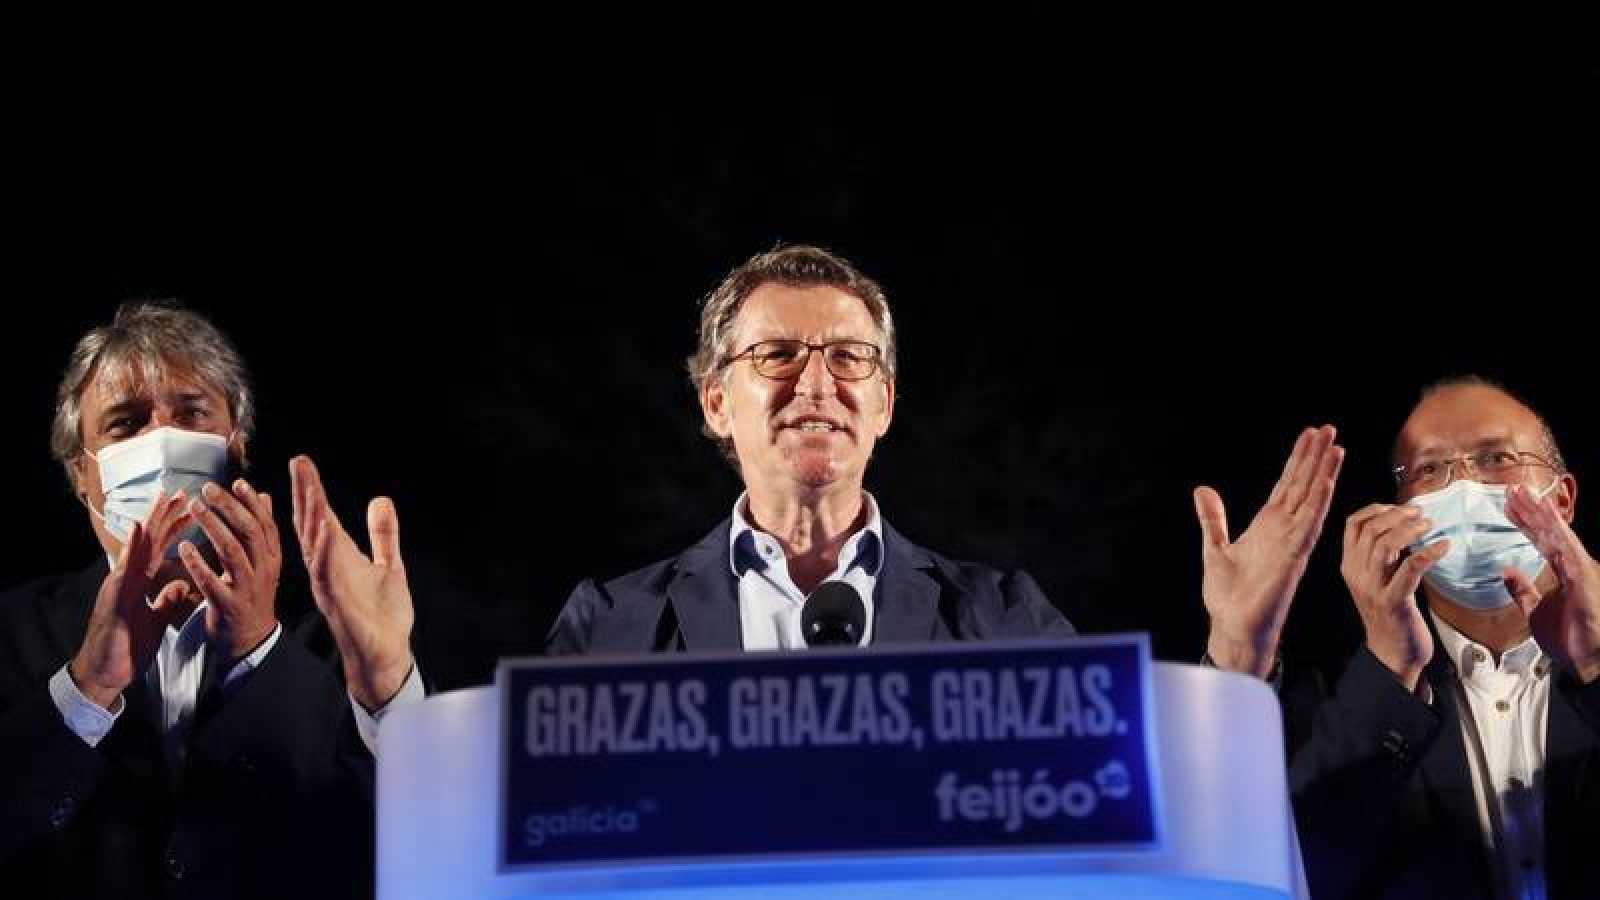 El presidente de la Xunta, Alberto Núñez Feijóo, en la noche electoral del 12J, en la que revalidó su mayoría absoluta